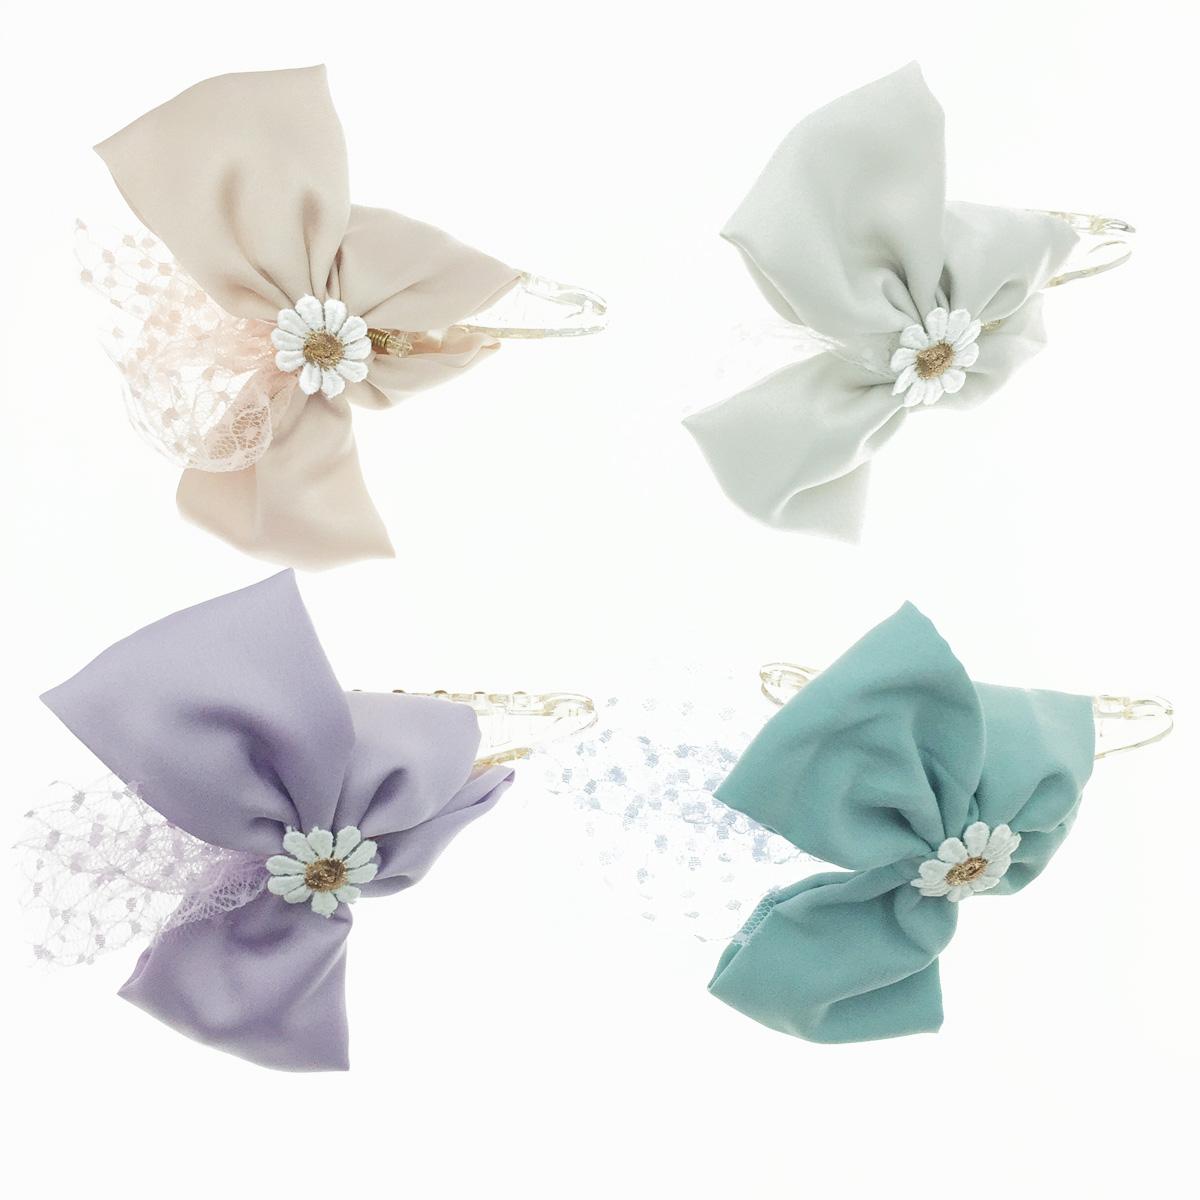 韓國 花朵 太陽花 向日葵 蕾絲 緞帶 蝴蝶結 鯊魚夾 髮夾 髮飾